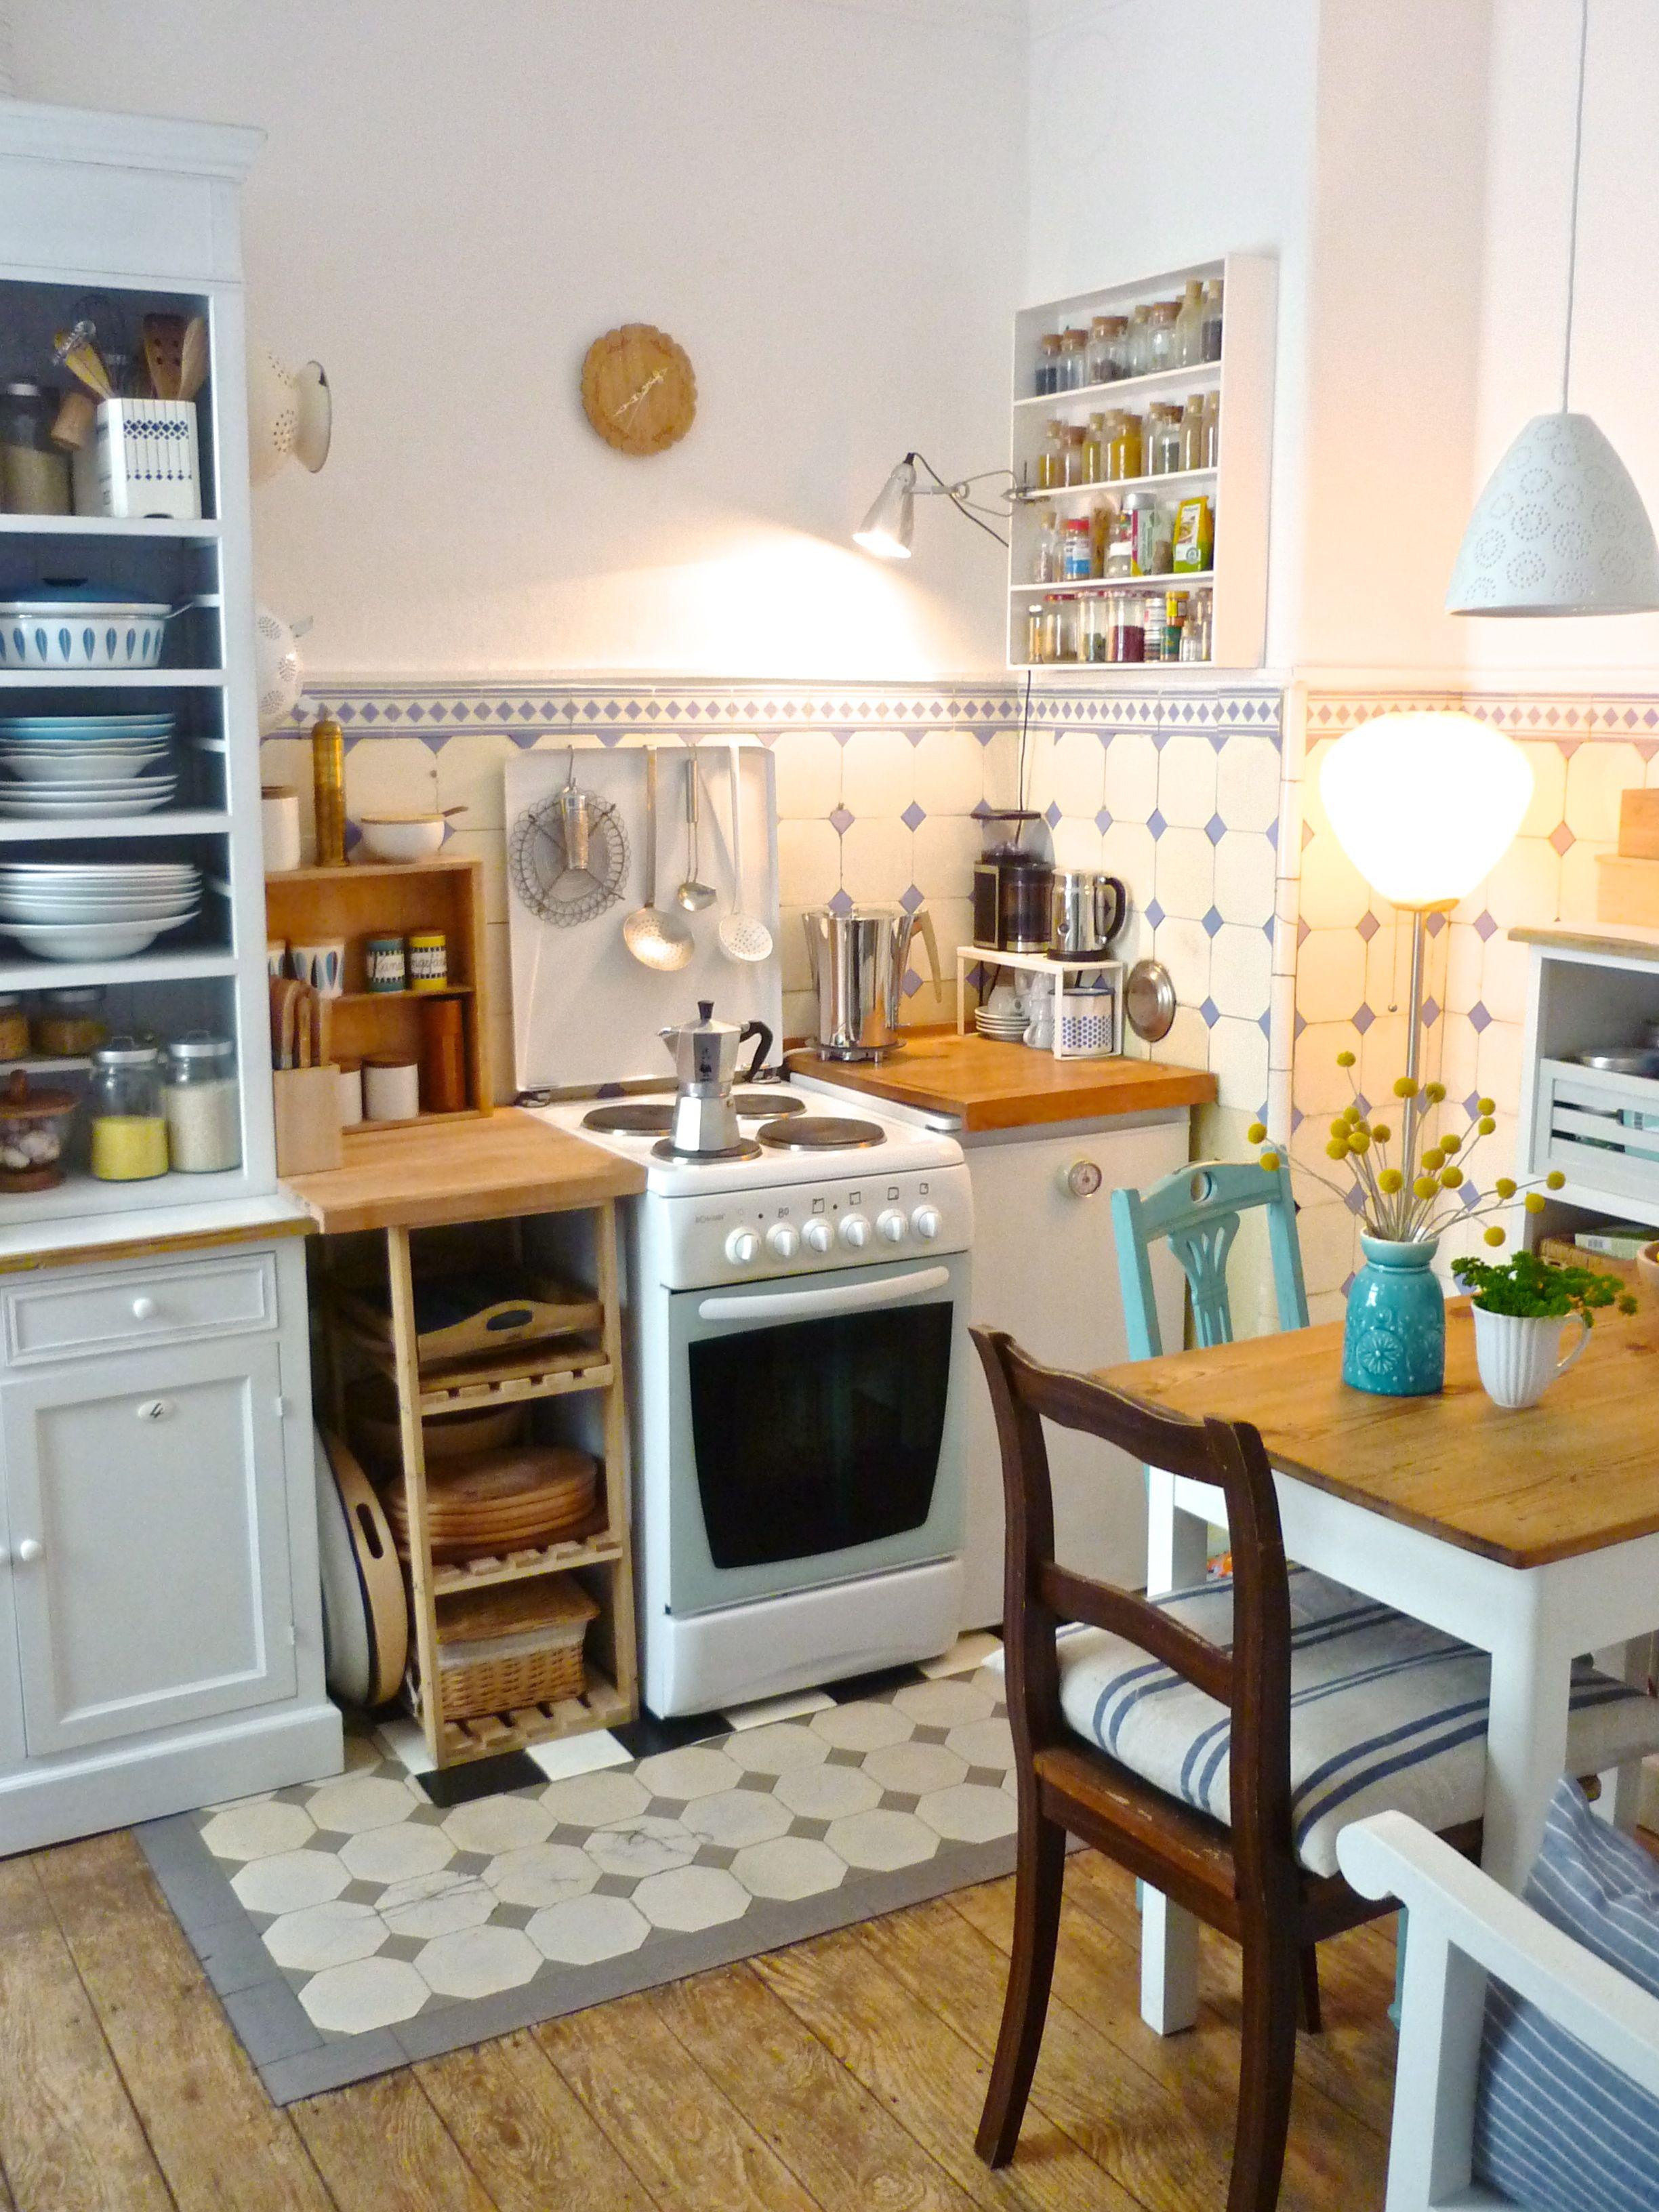 Lieblich Darf Nun Die Neuerdings Leere Wand Schmücken. Vorher Hing Sie In Unserer  Atelier Küche